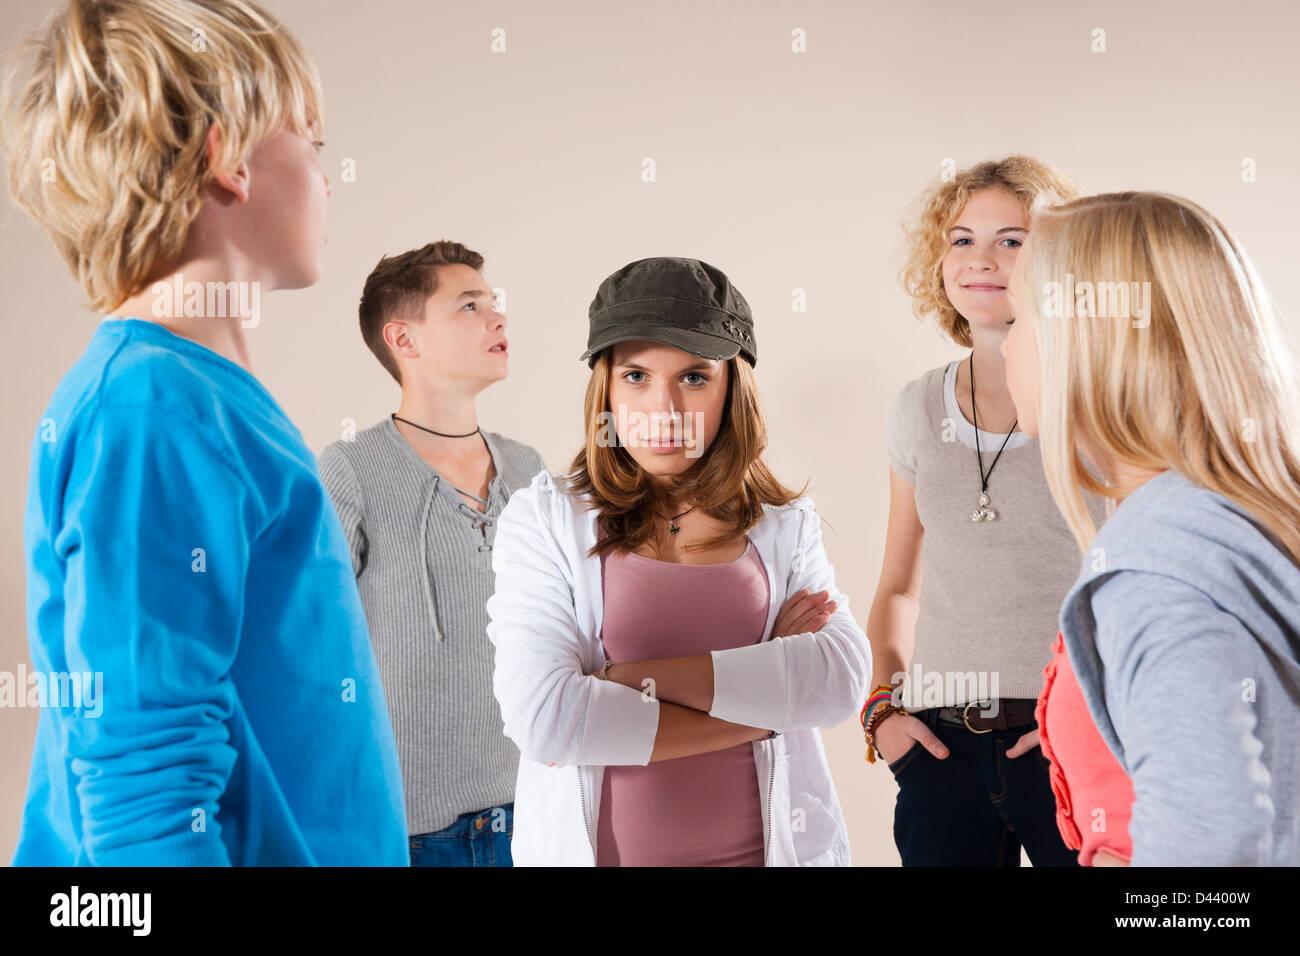 Retrato de una adolescente vistiendo Baseball Hat mirando a la cámara, de pie en medio del grupo de adolescentes Foto de stock